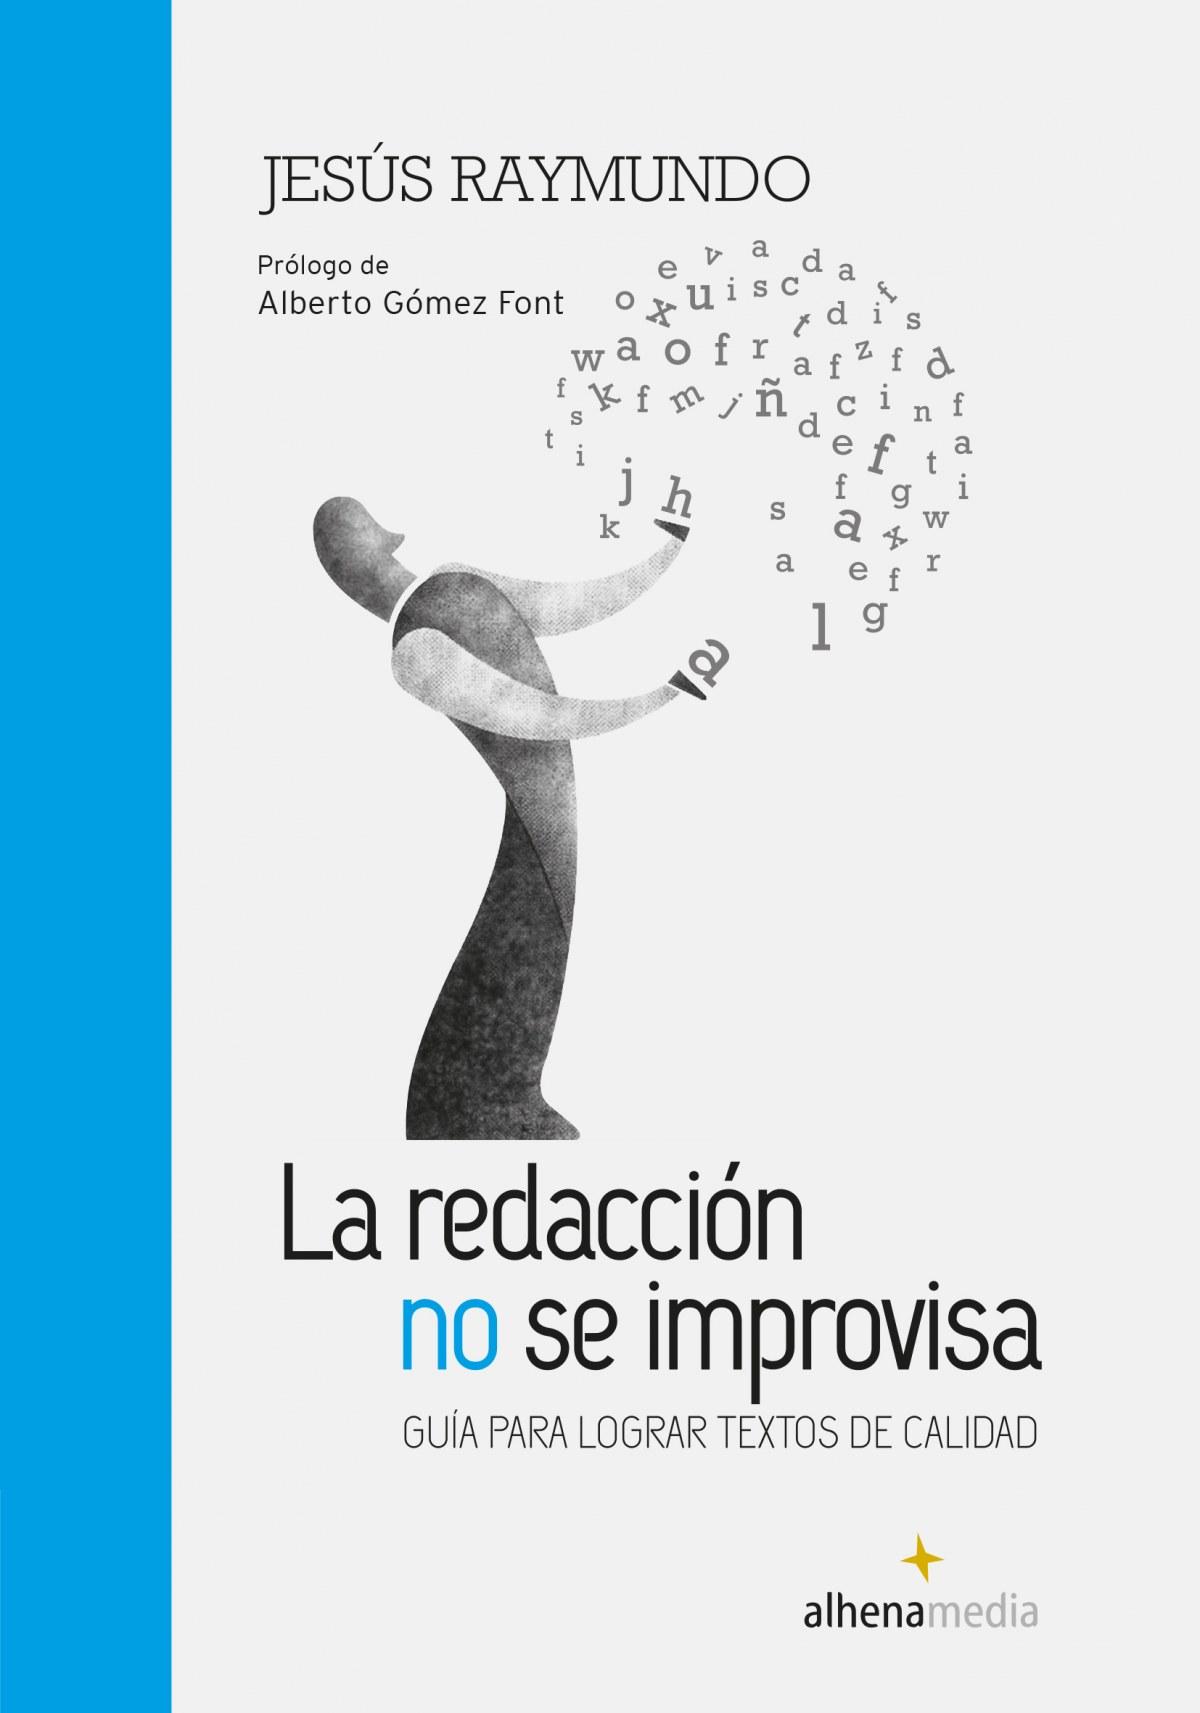 REDACCIÓN NO SE IMPRVISA: GUÍA PARA LOGRAR TEXTOAS DE CALIDAD